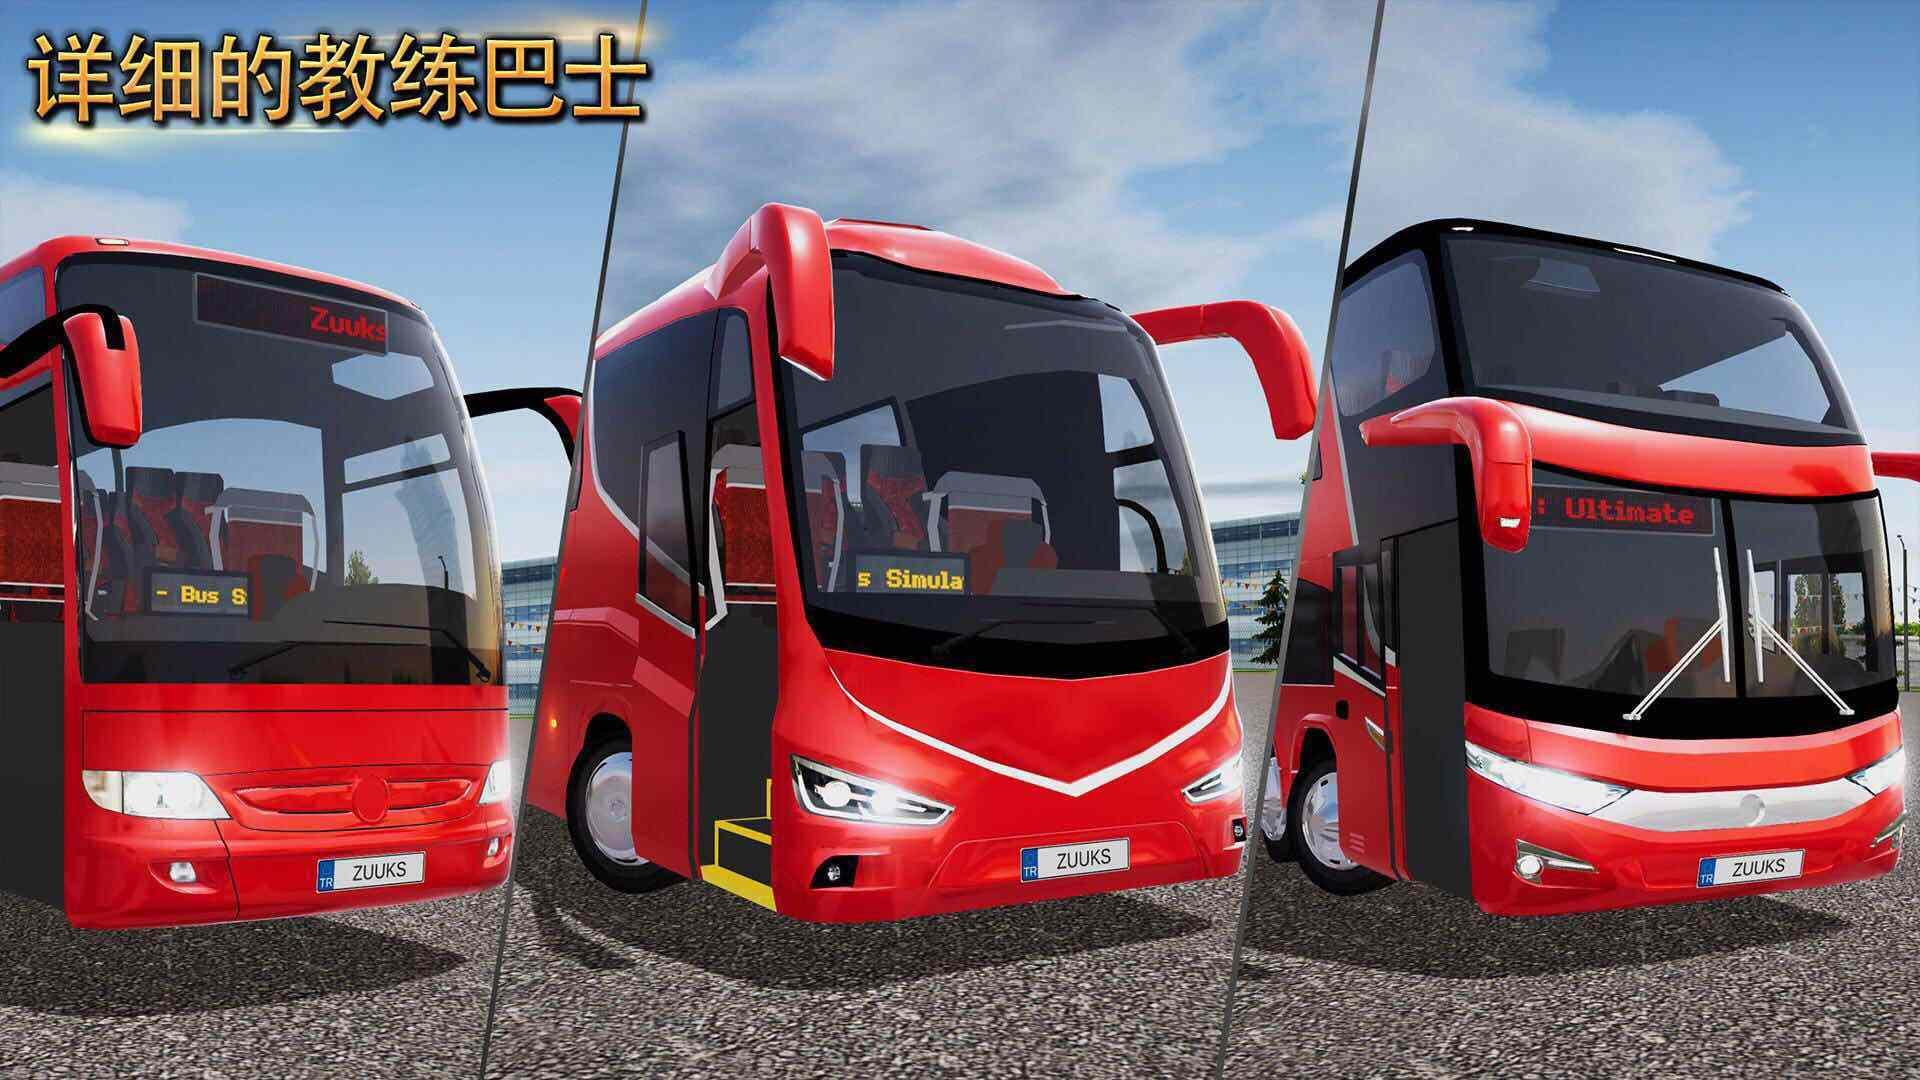 公交車模擬器2019最新版下載